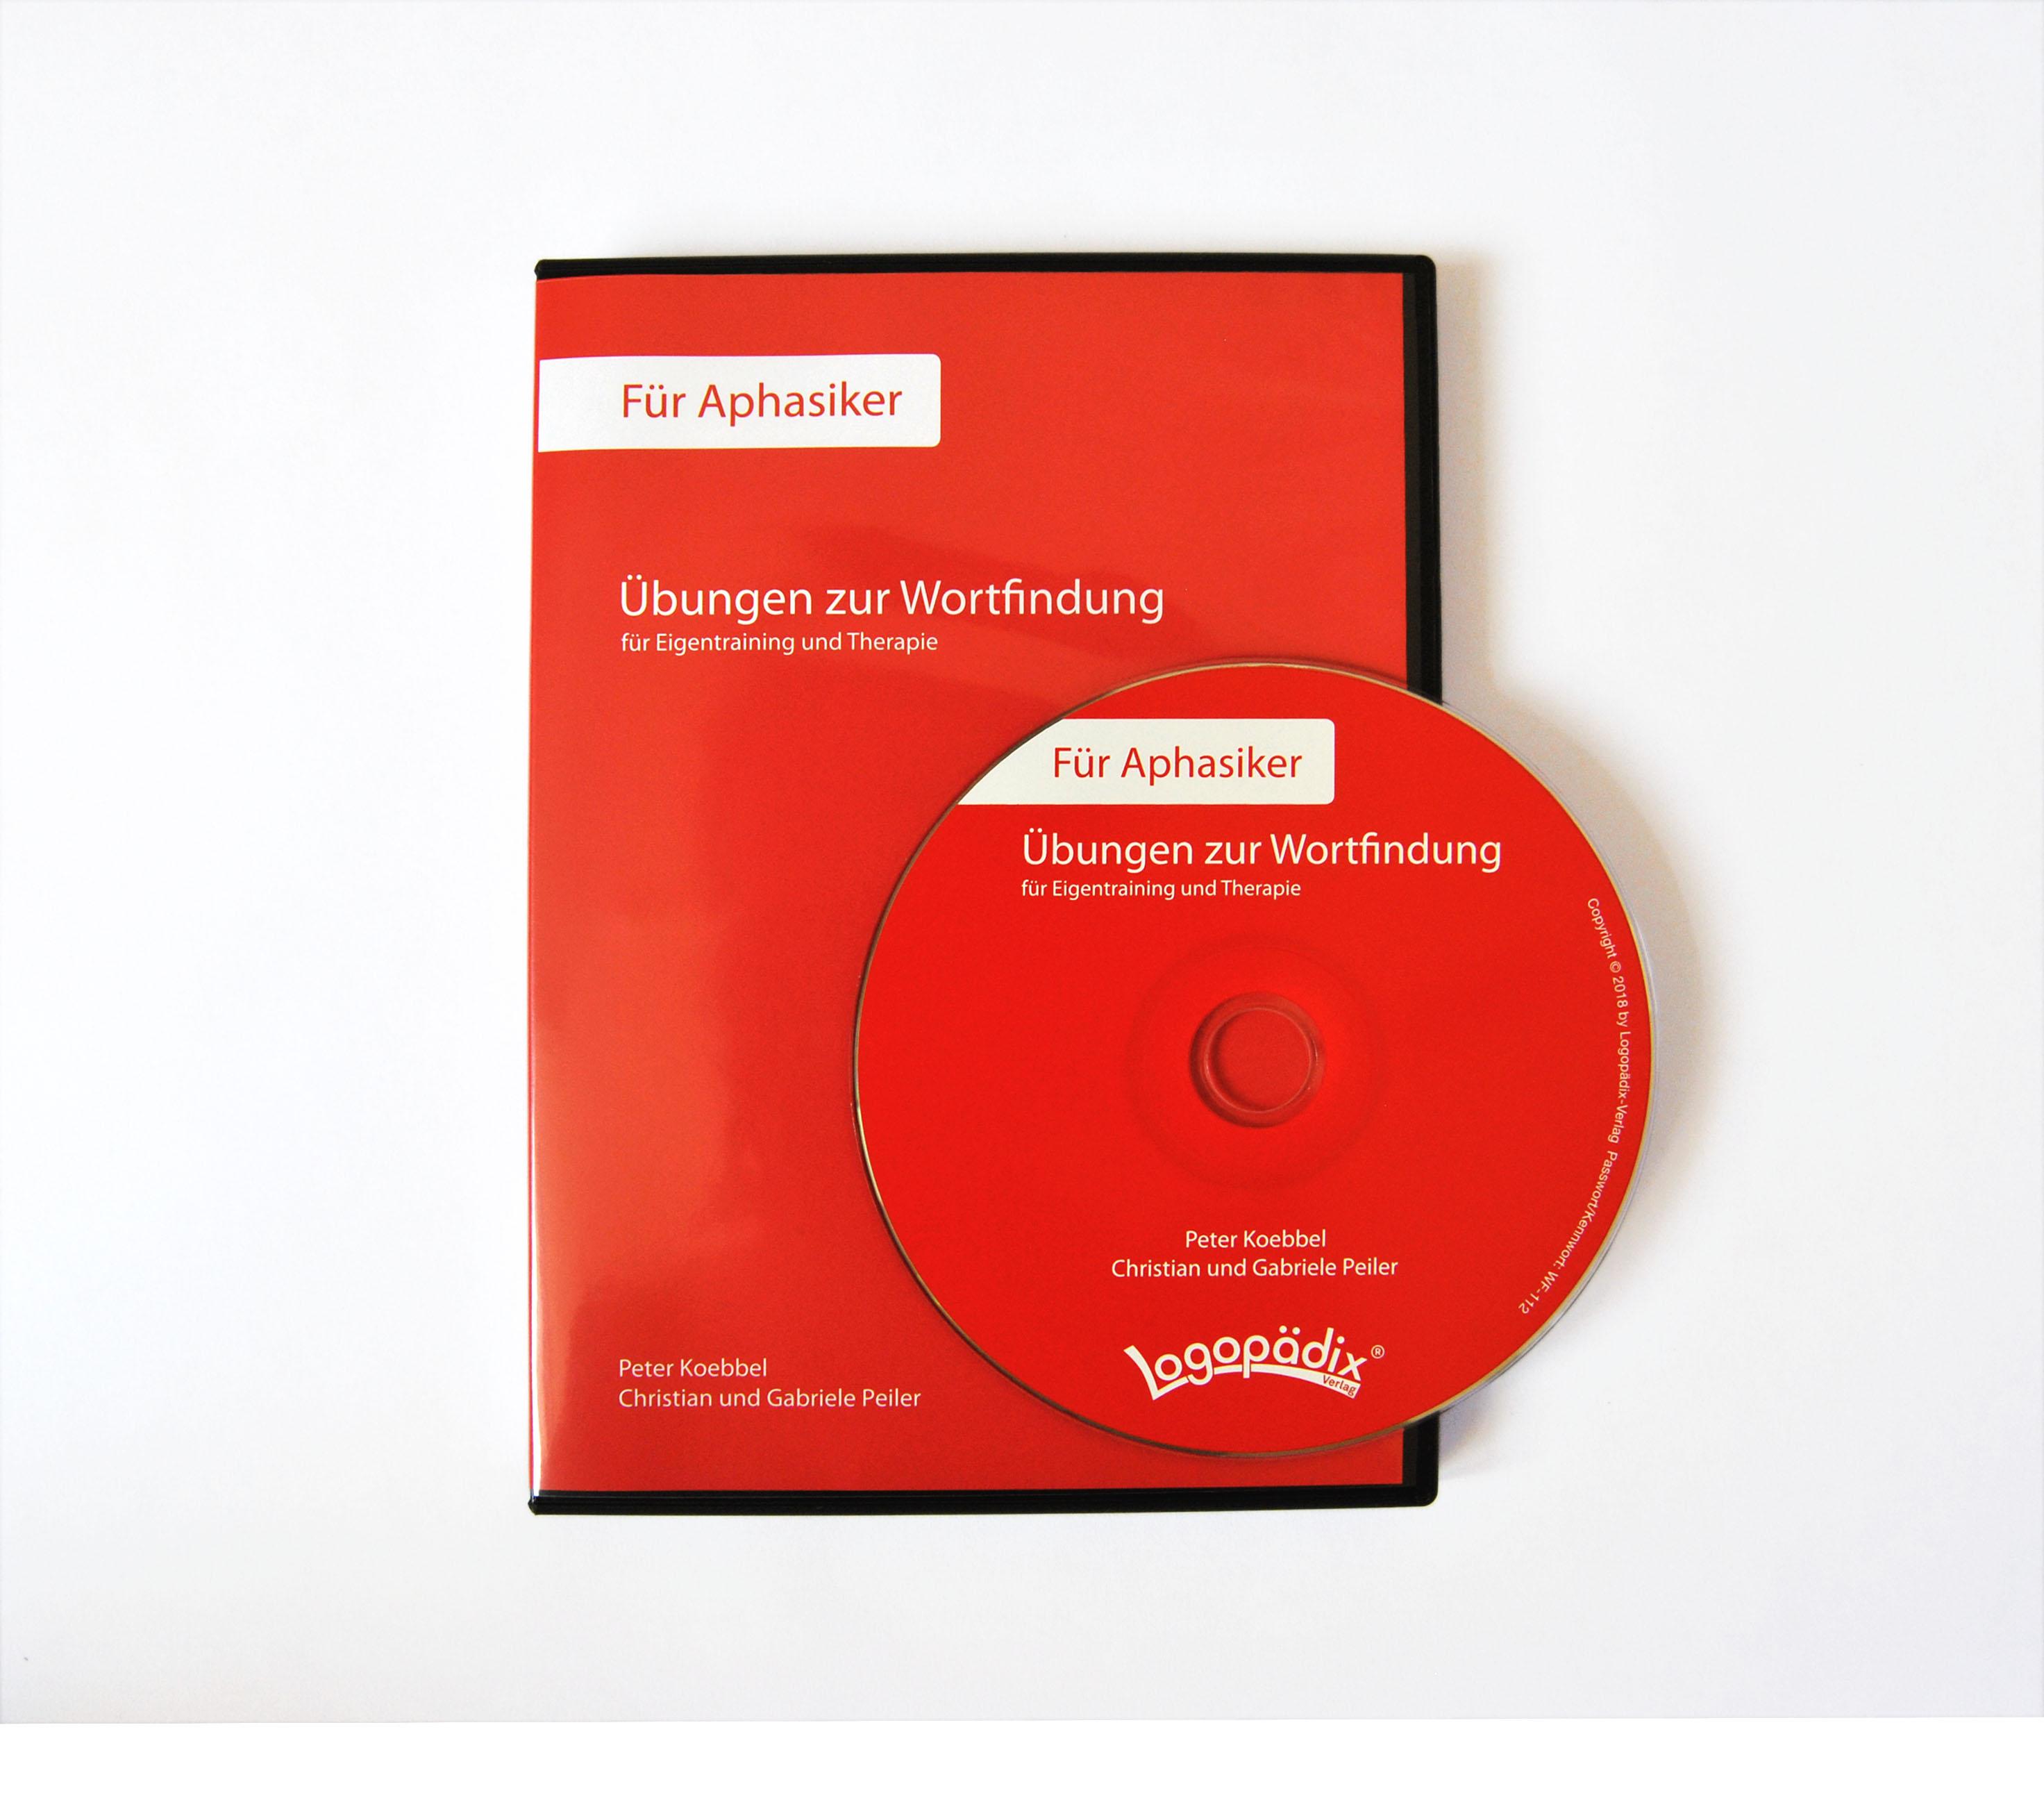 Für Aphasiker: Übungen zum Sprachverständnis - Ordner [016] - €34.90 ...